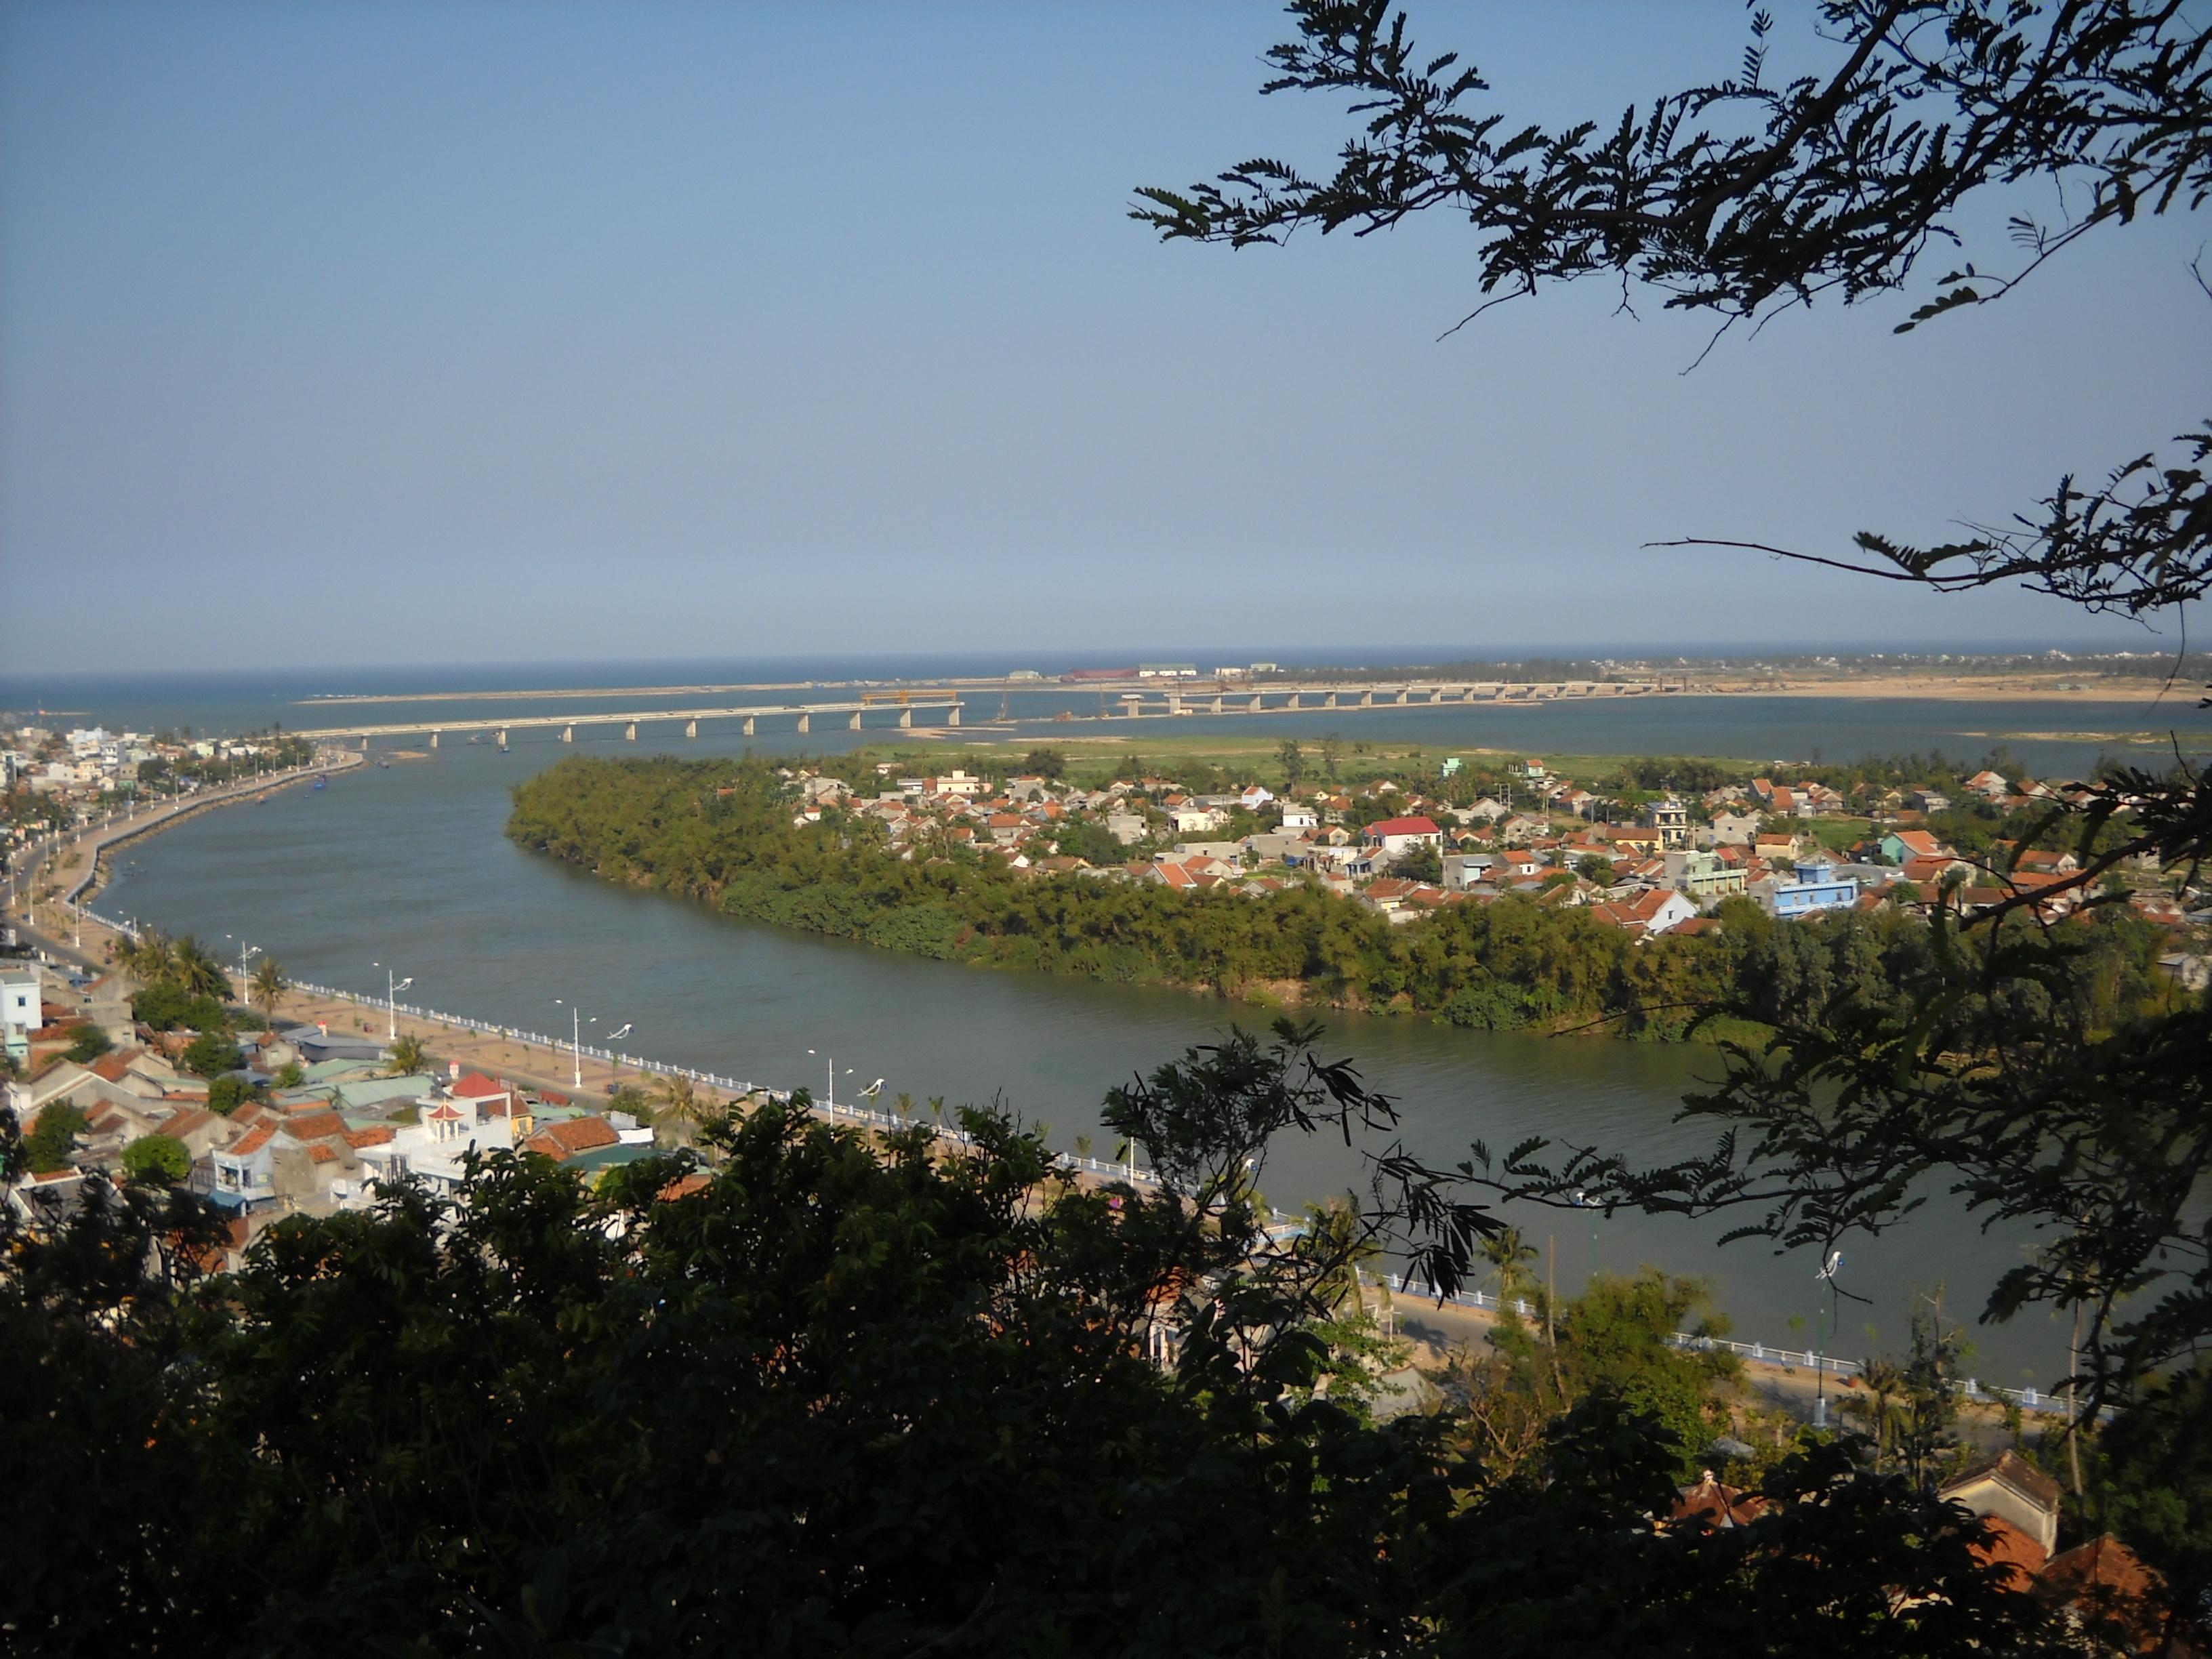 Tuy Hoa (Phu Yen) Vietnam  city images : Cầu Đà Rằng mới, Tuy Hòa, Phú Yên Wikipedia, the ...